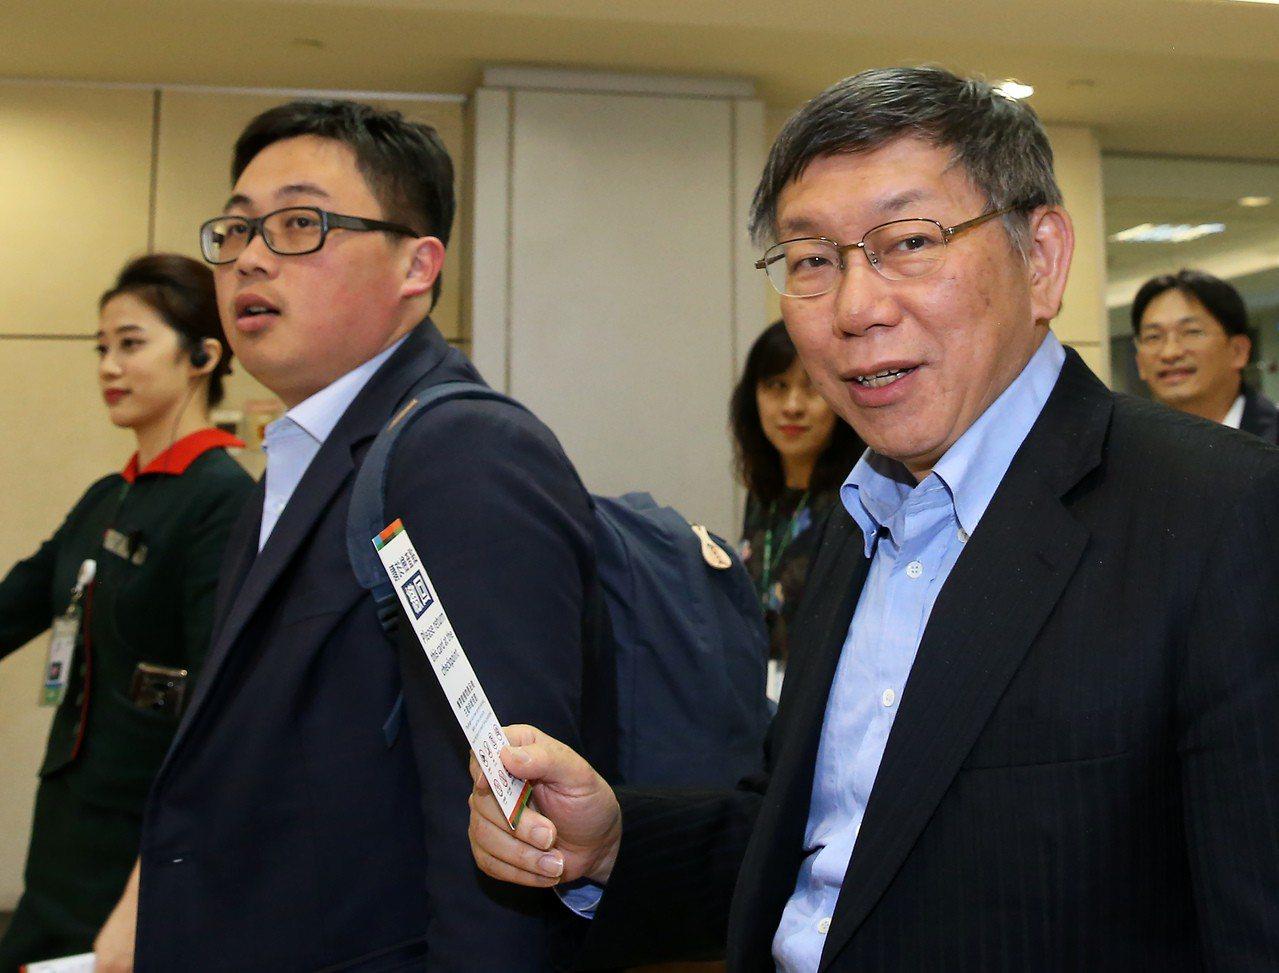 台北市長柯文哲(右)結束美國訪問行程,自評此行「及格」而已。 記者陳嘉寧/攝影